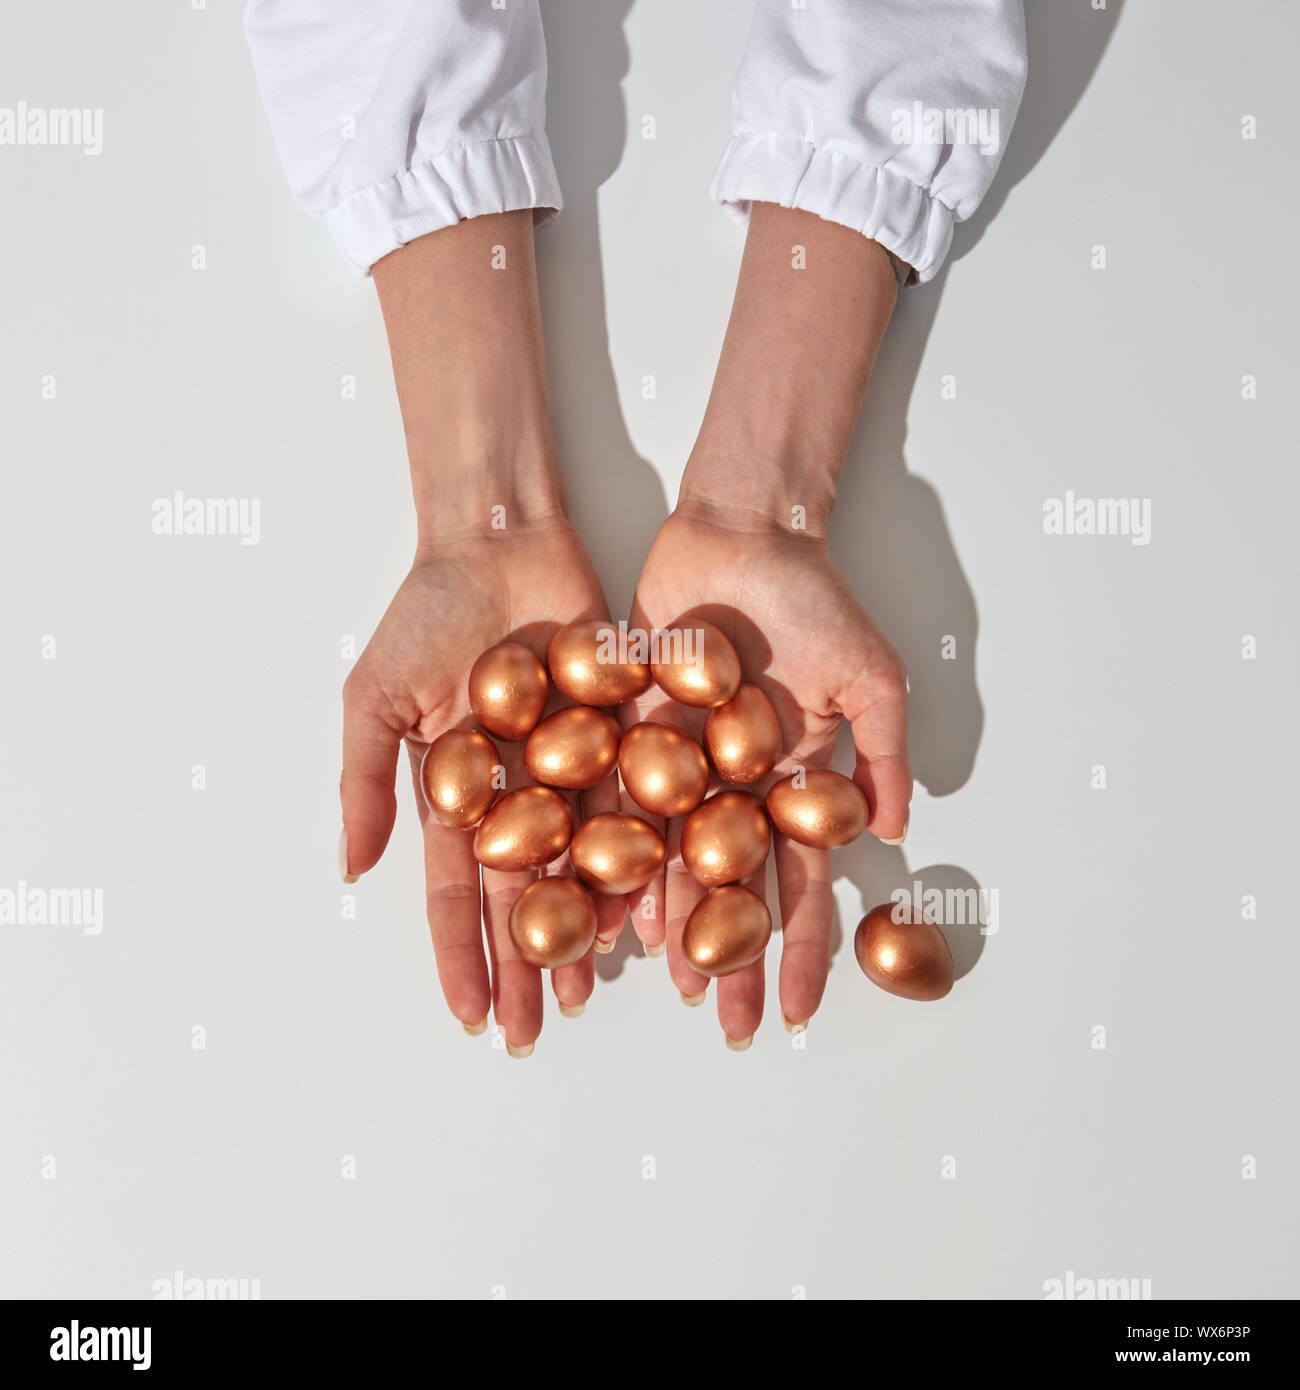 Las manos de la niña mantenga huevos pintados de oro como símbolo de la riqueza y el lucro. Alrededor del fondo gris con espacio para el texto. Foto de stock